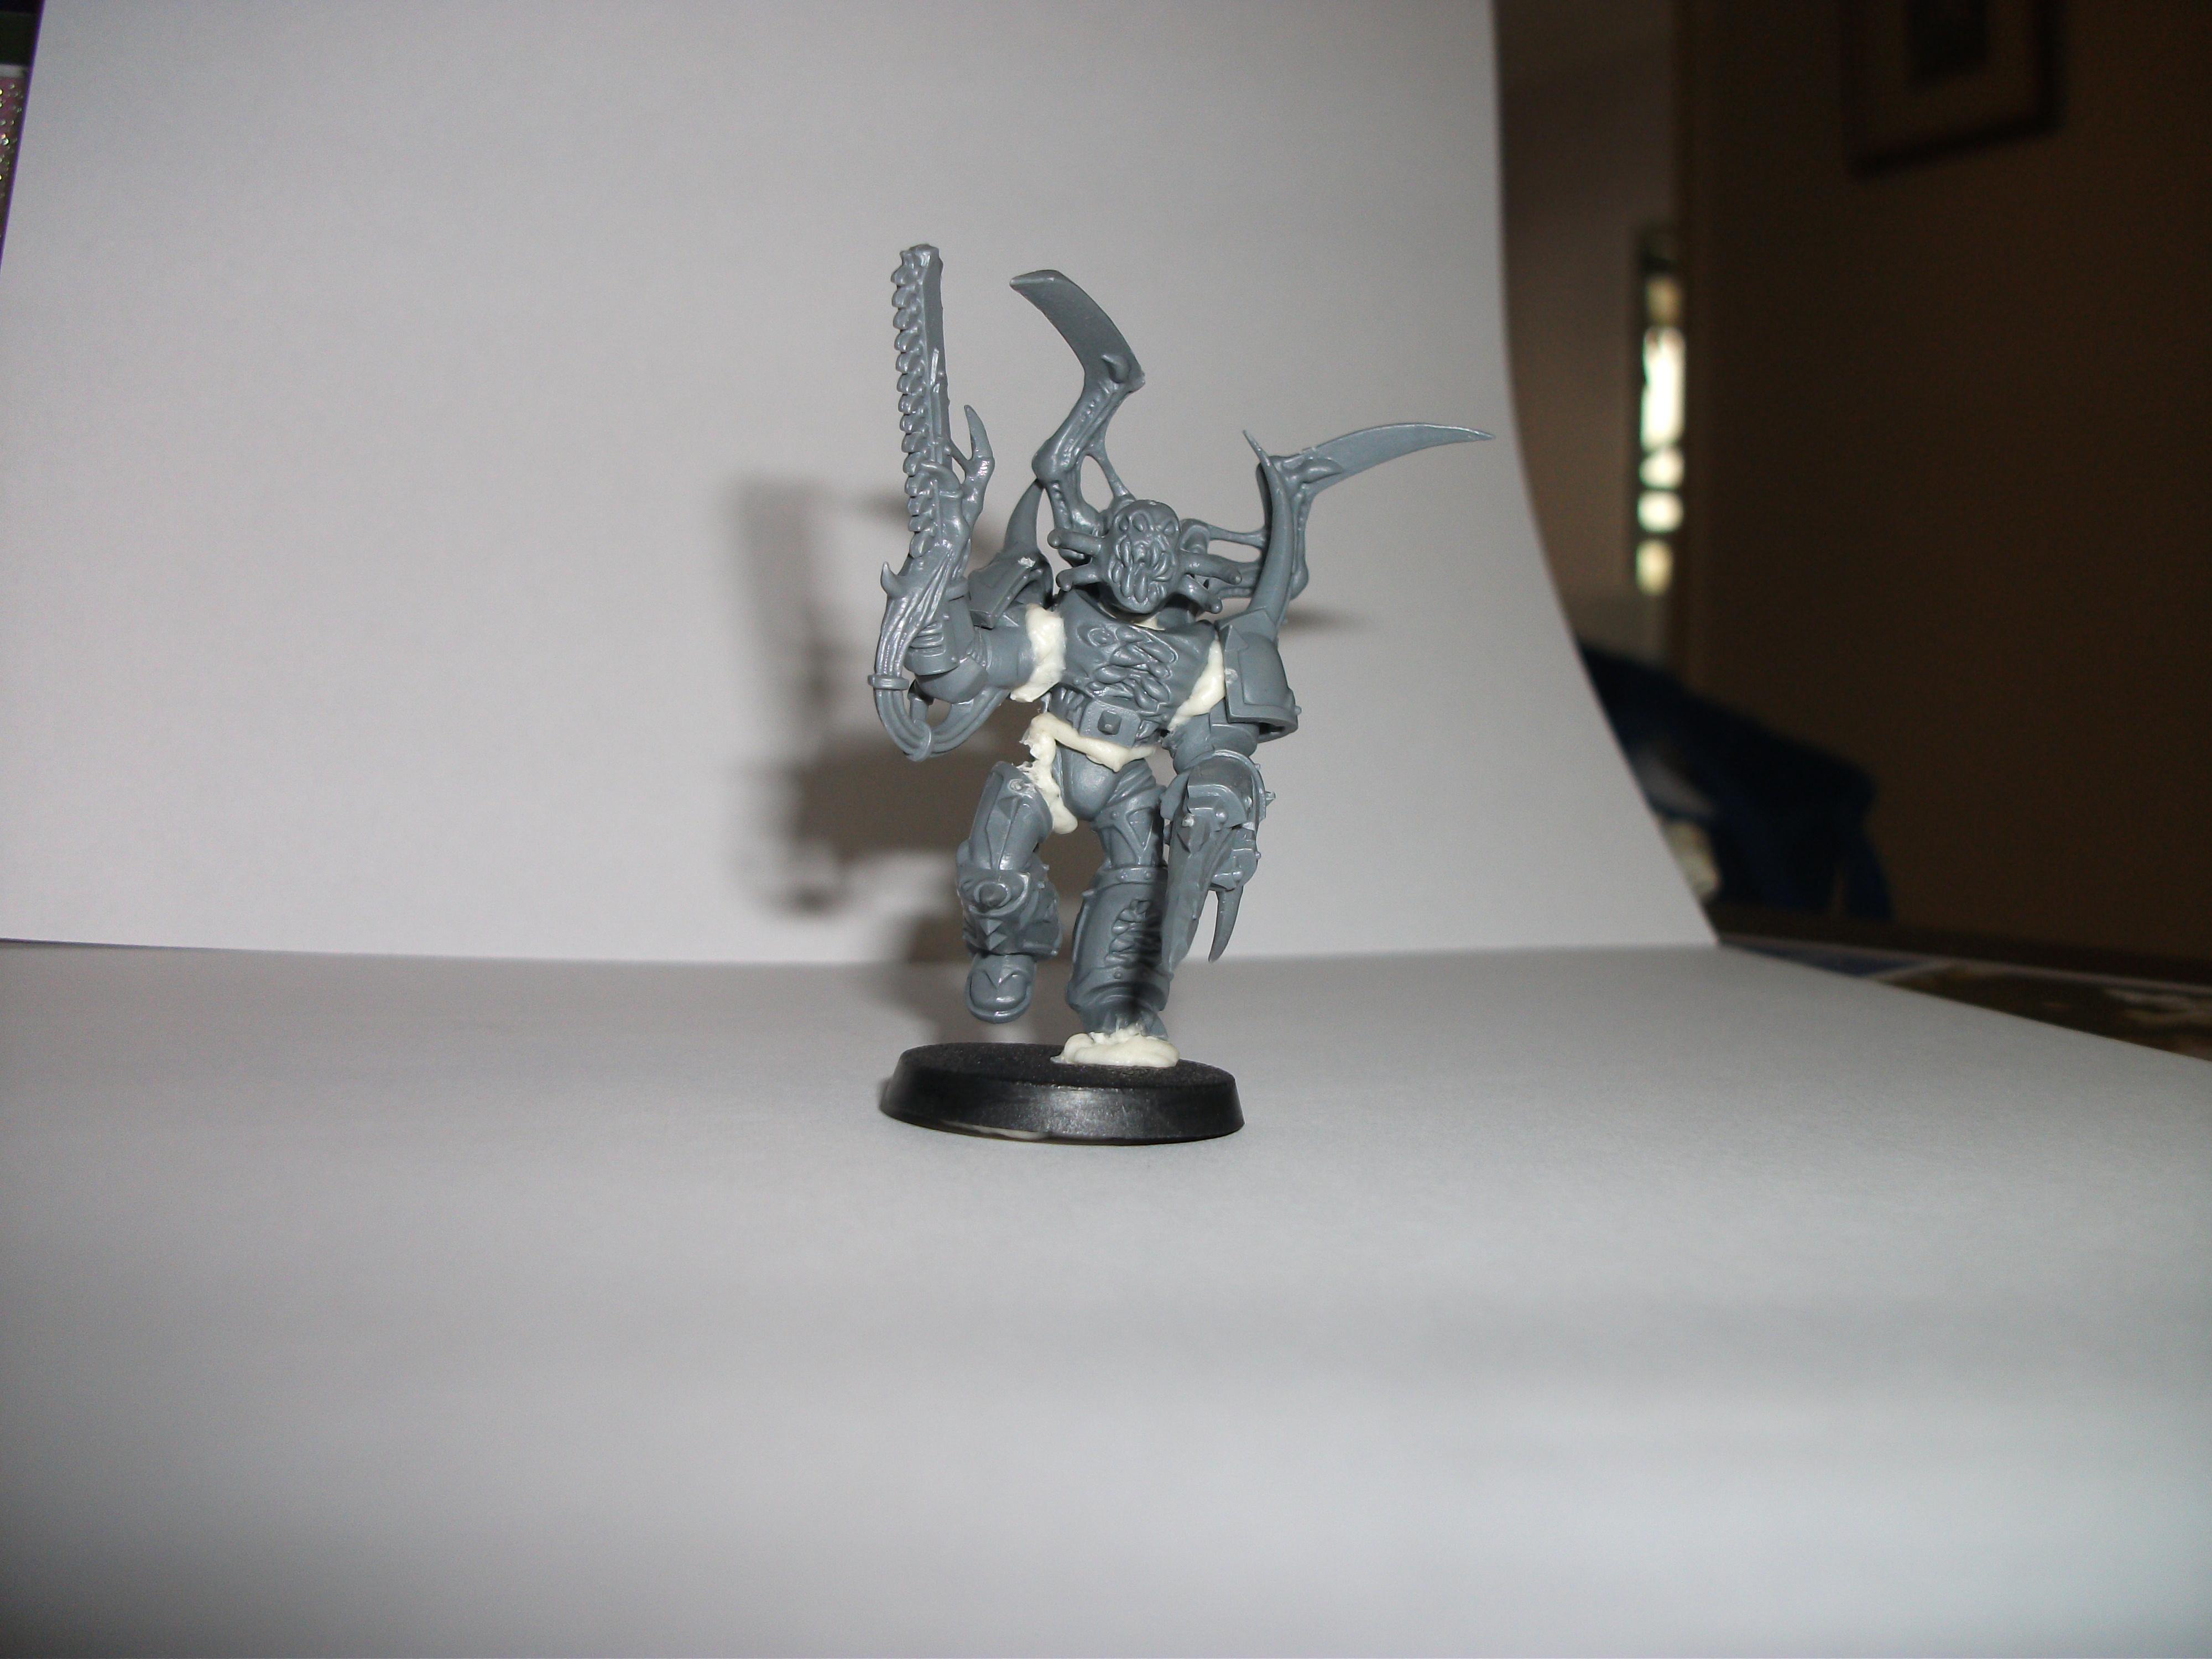 Fellshriek Prototype